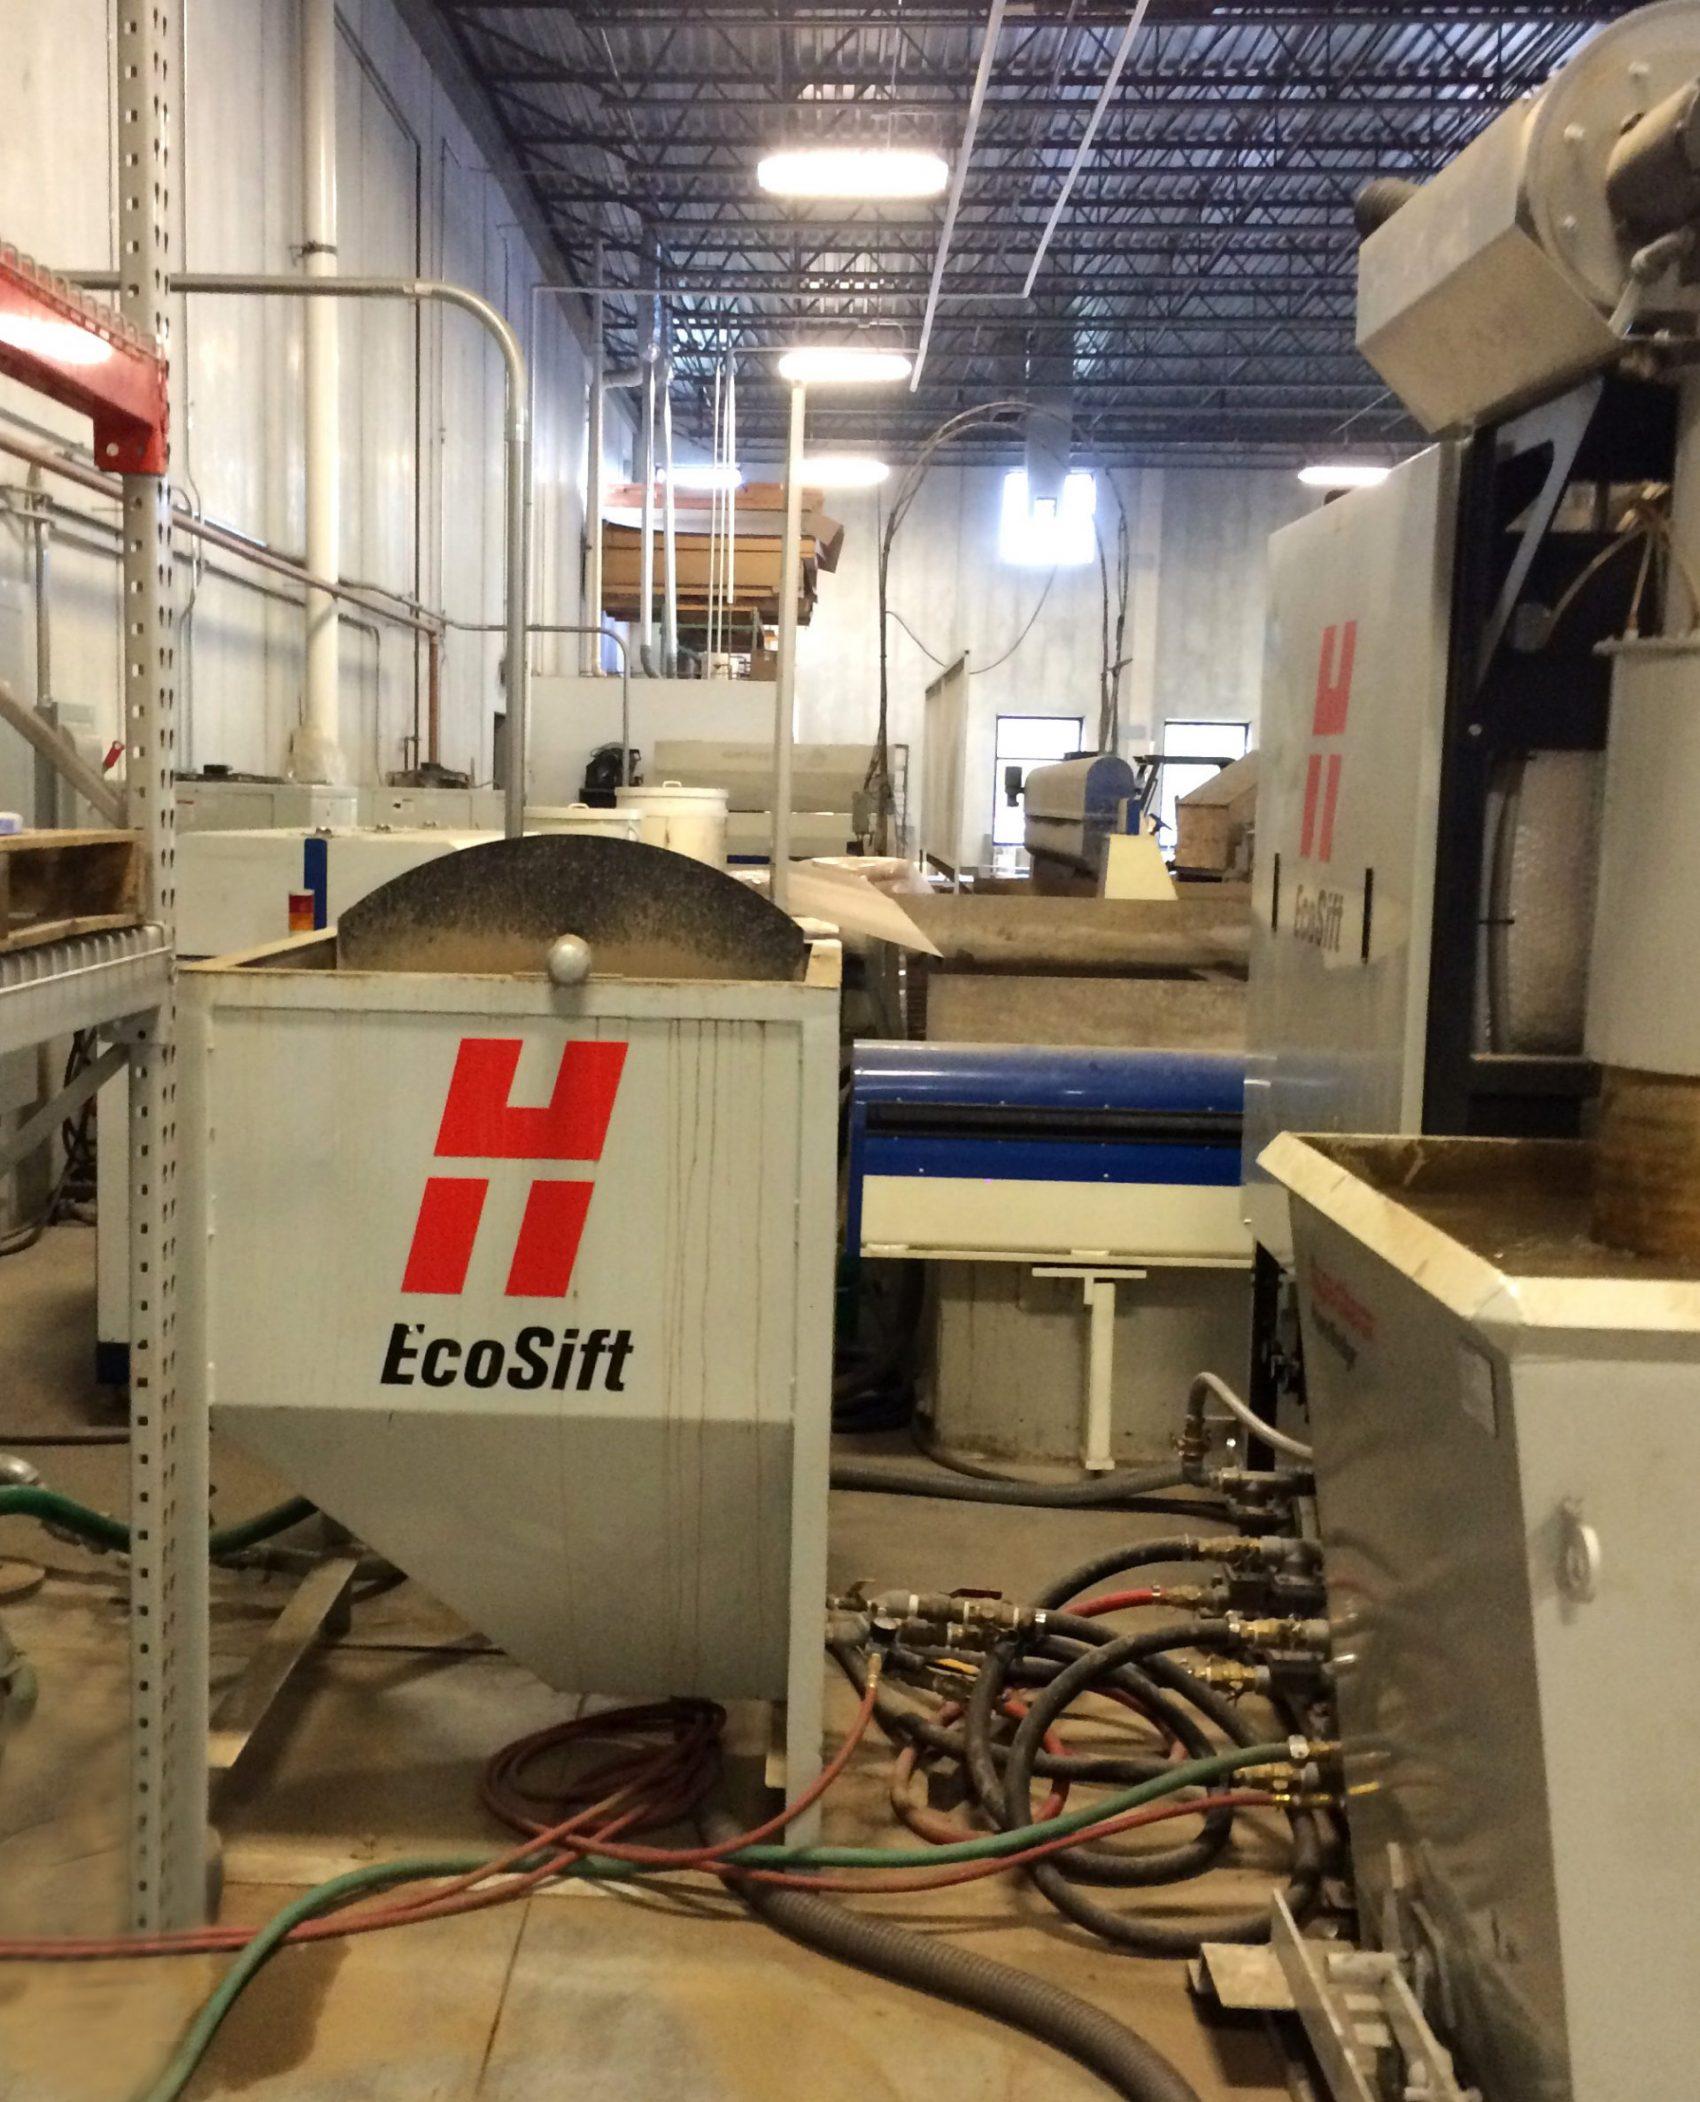 Ecosift 06 e1524647564182 - Recyclage Abrasif